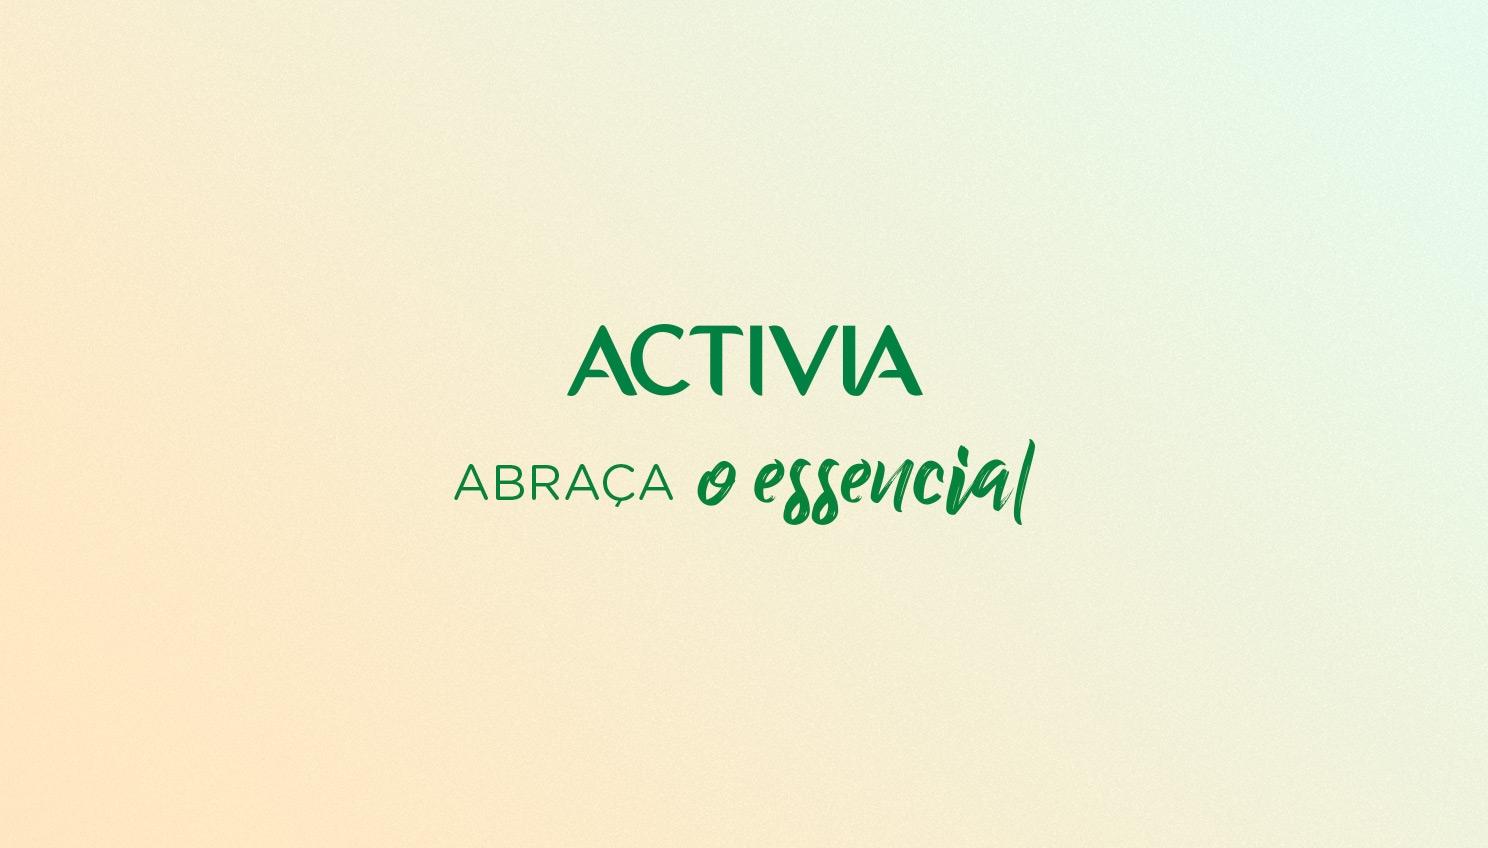 Activia_abraça o essencial